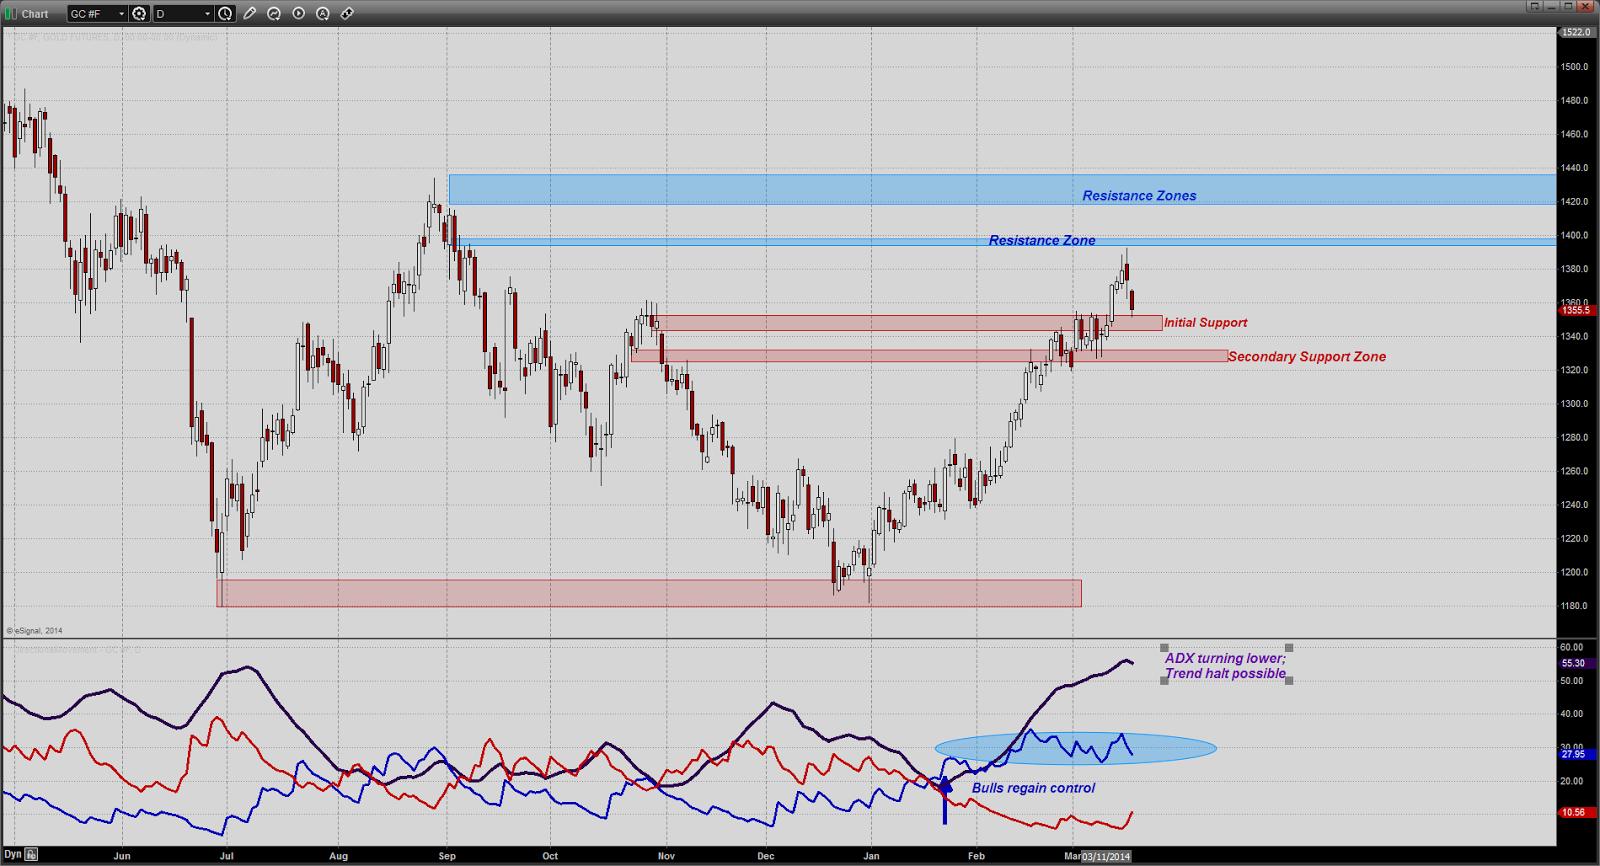 prix de l'or, de l'argent et des minières / suivi quotidien en clôture - Page 11 Chart20140318130239